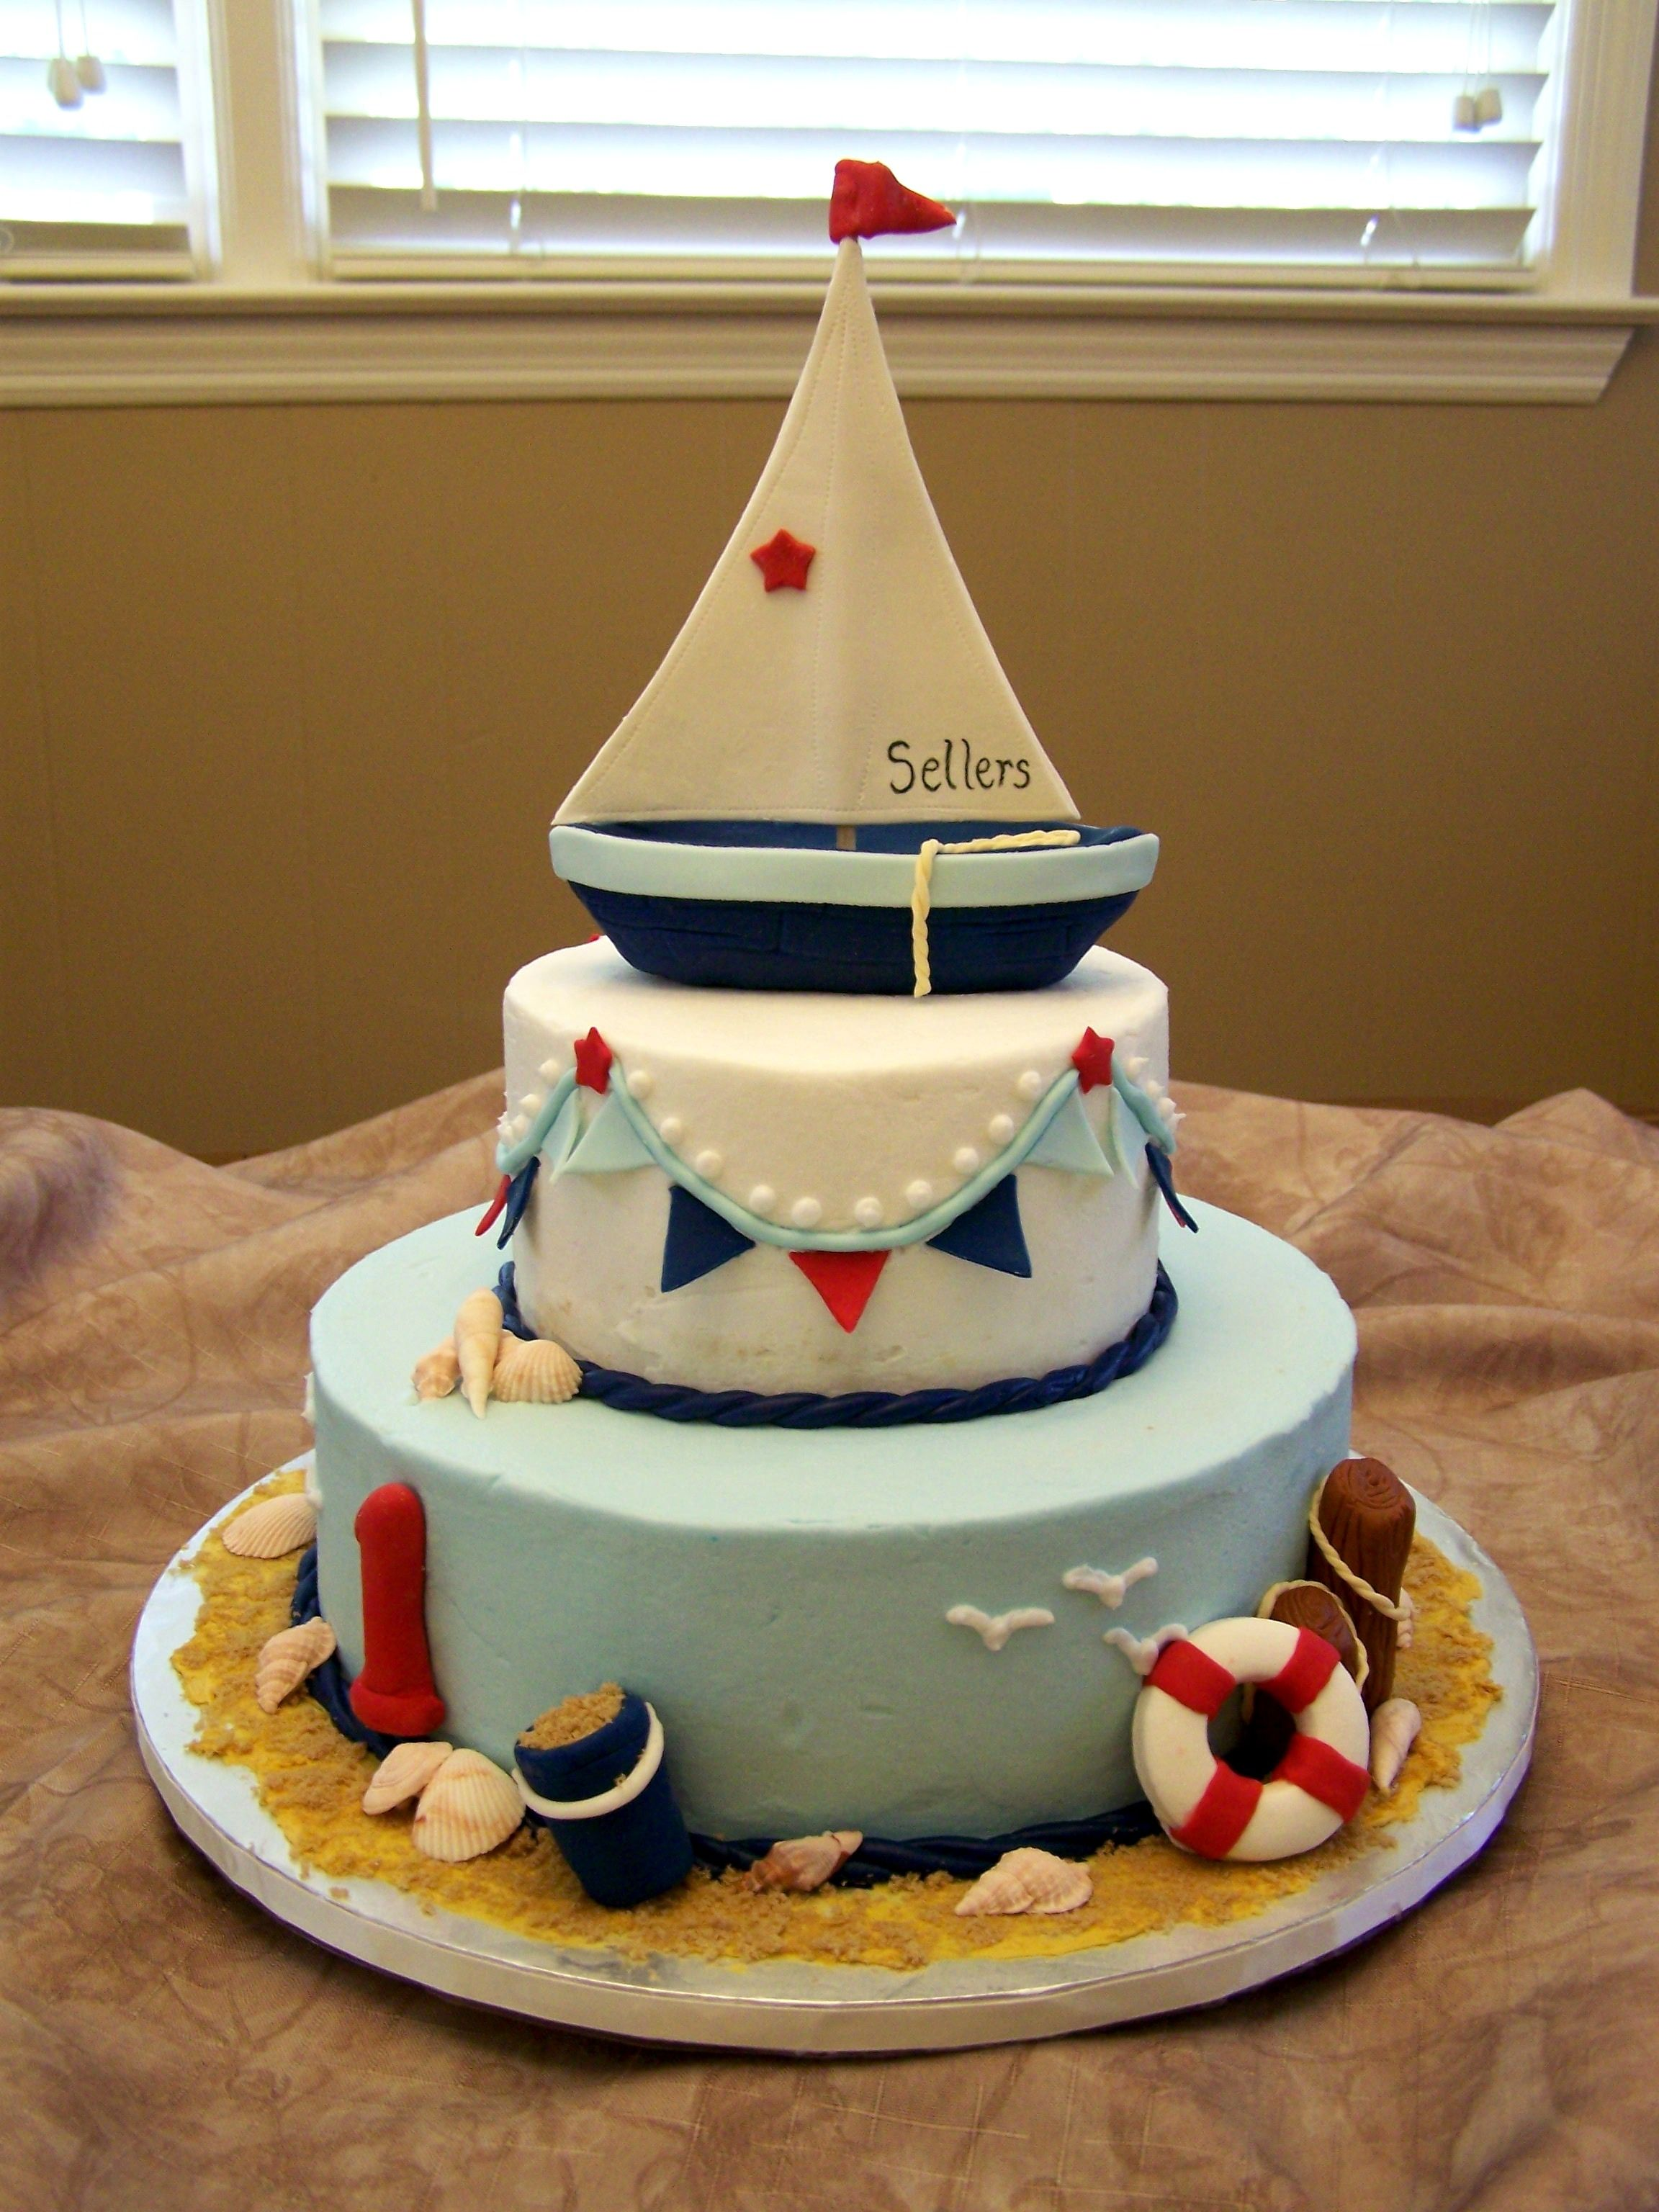 Web Con Infinidad De Ideas Para Decorar Tartas En Ingles - Ideas-para-decorar-una-tarta